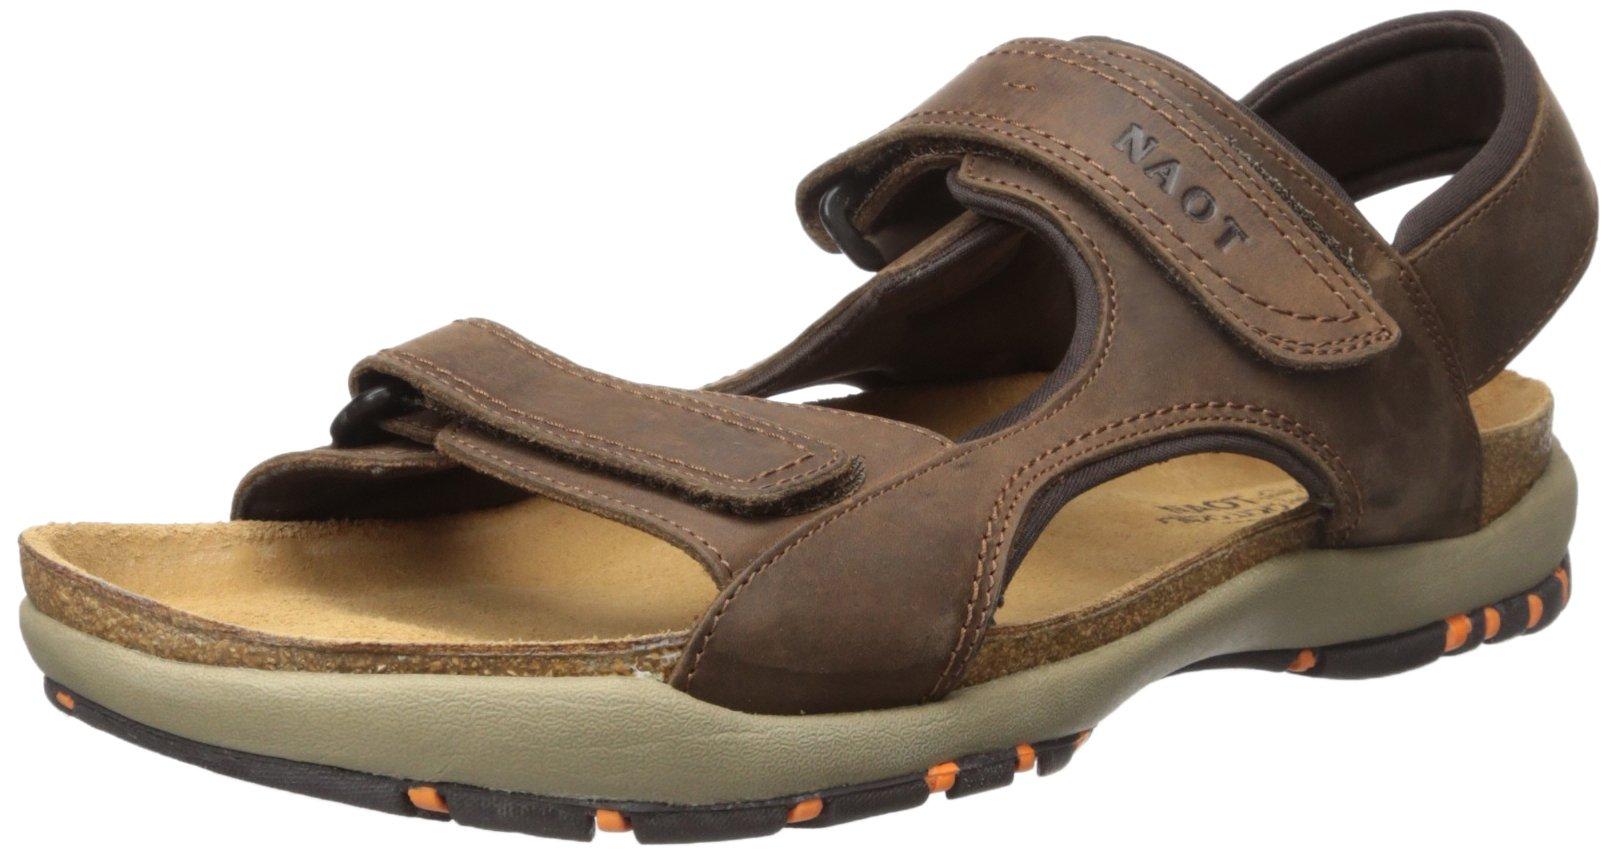 Naot Men's Electric Flat Sandal, Brown, 47 EU/14 M US by NAOT